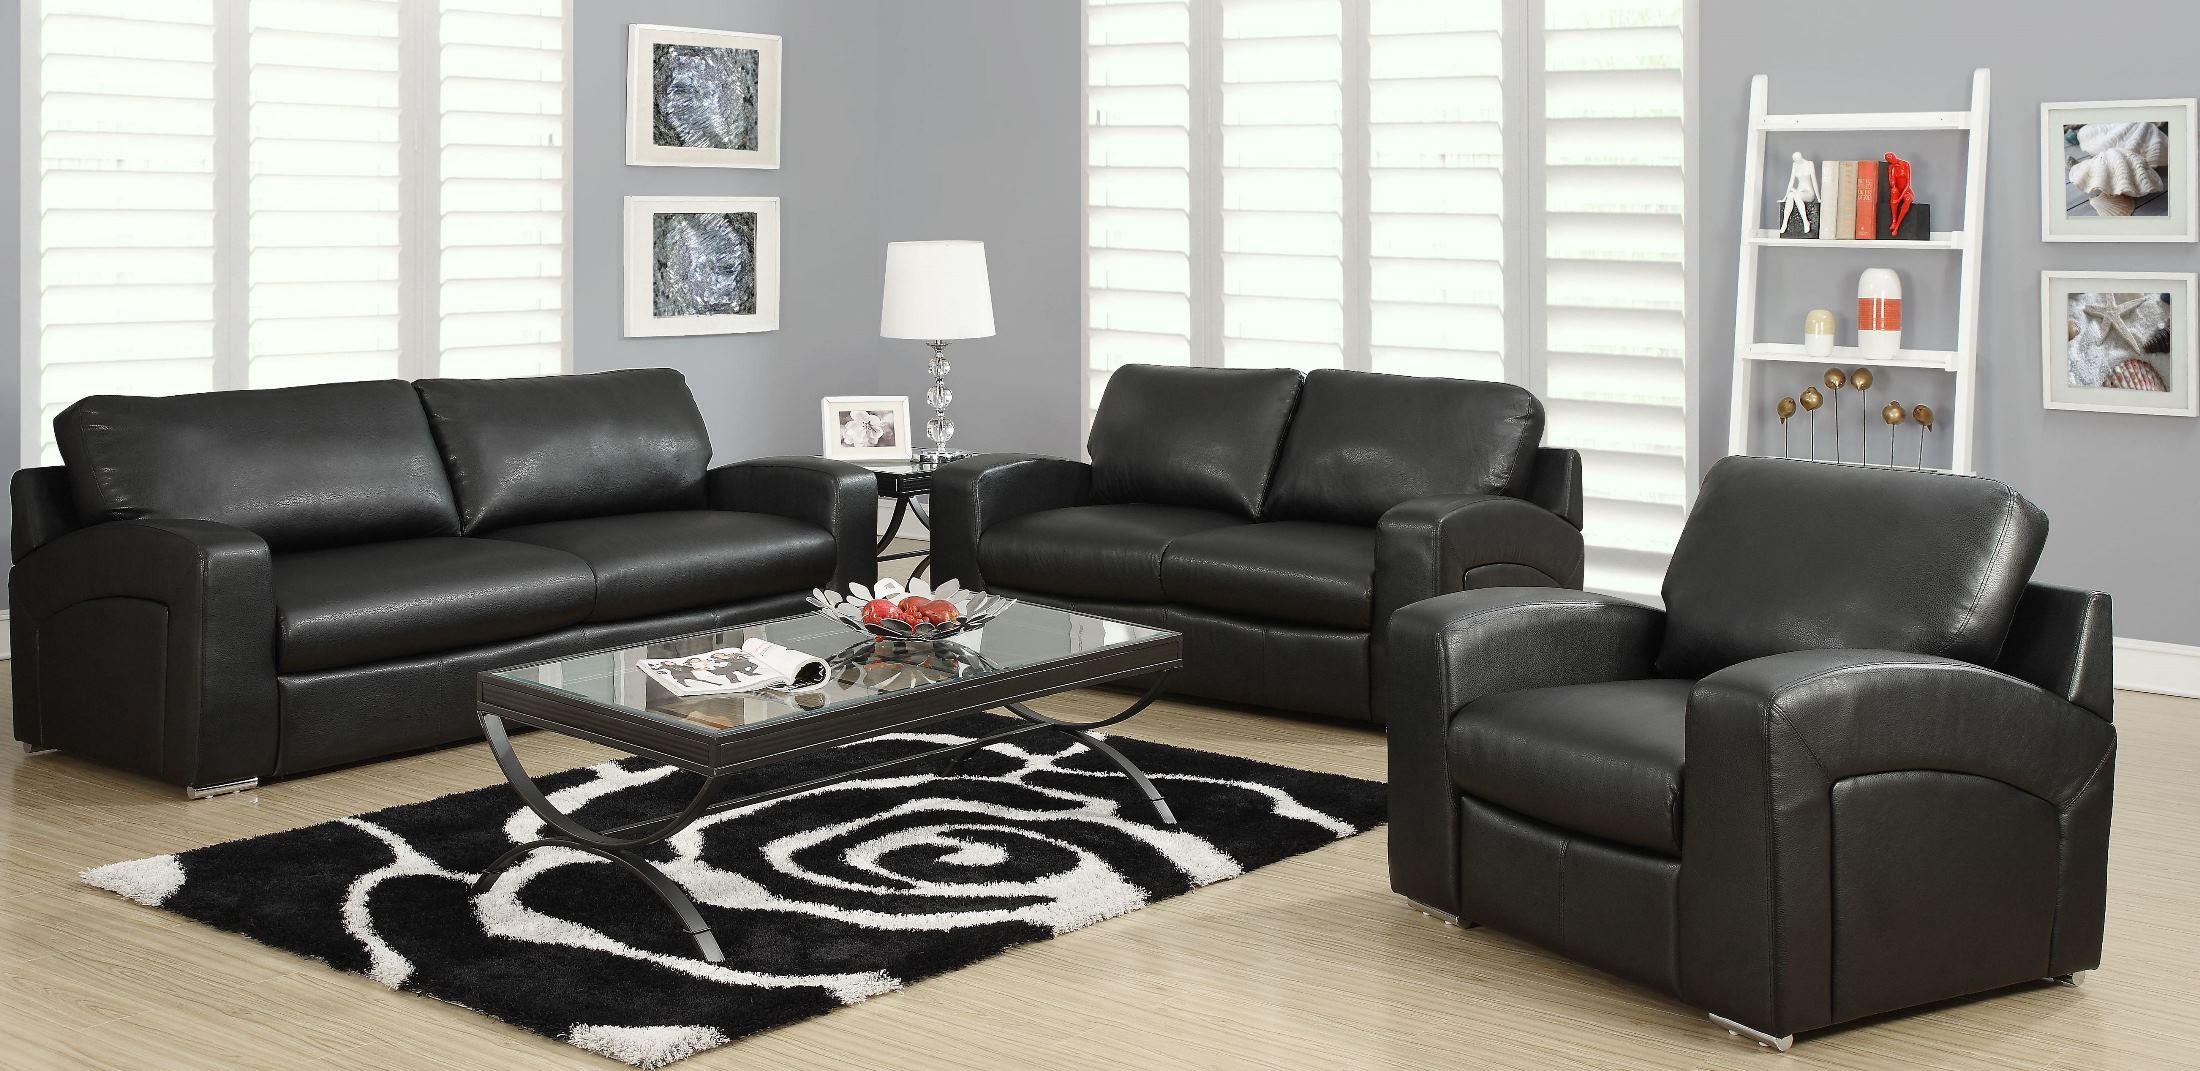 Black Bonded Leather Match Sloped Back Living Room Set ...